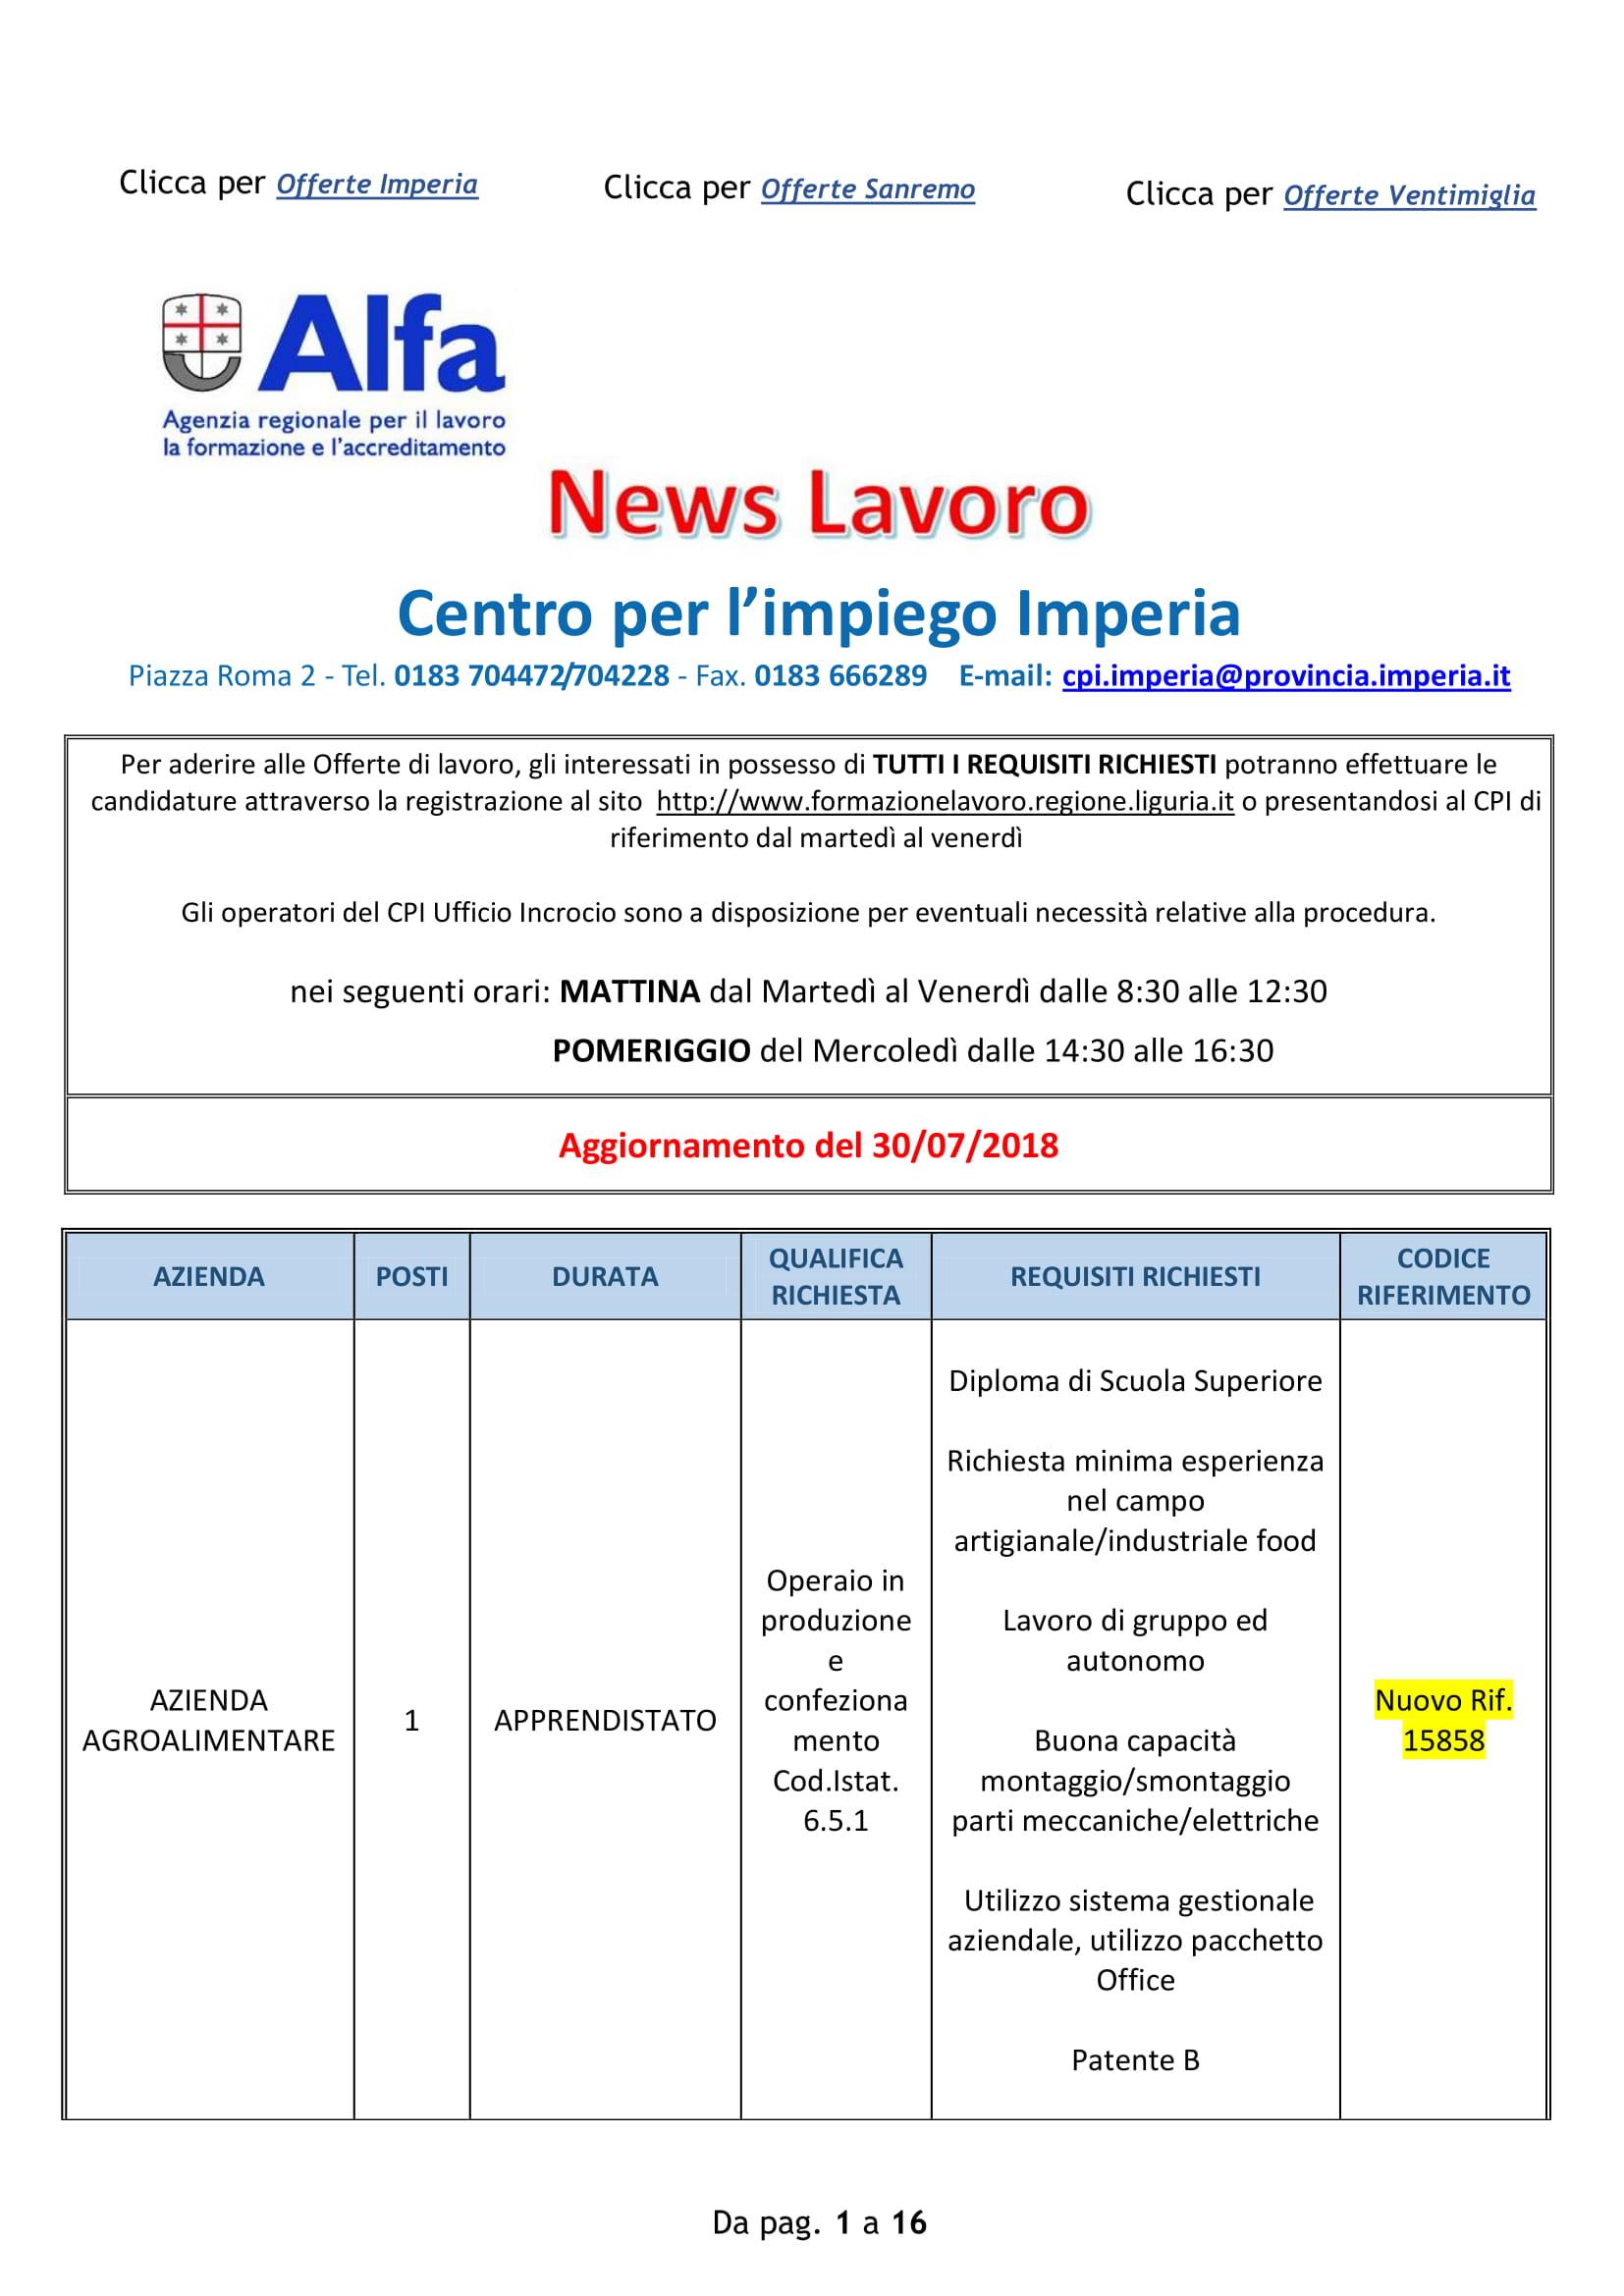 Ufficio Collocamento Roma Offerte Di Lavoro - To Whom It ...